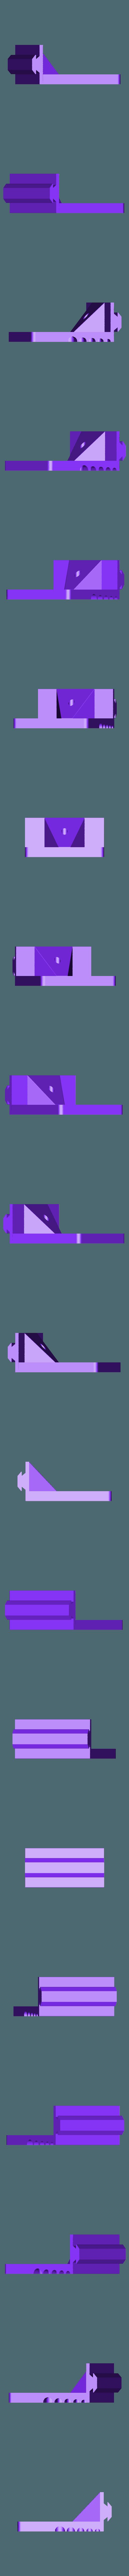 toolholder-large.stl Télécharger fichier SCAD gratuit Porte-outils 3D Ender 3 Frame Mounted Creality • Modèle à imprimer en 3D, kevfquinn